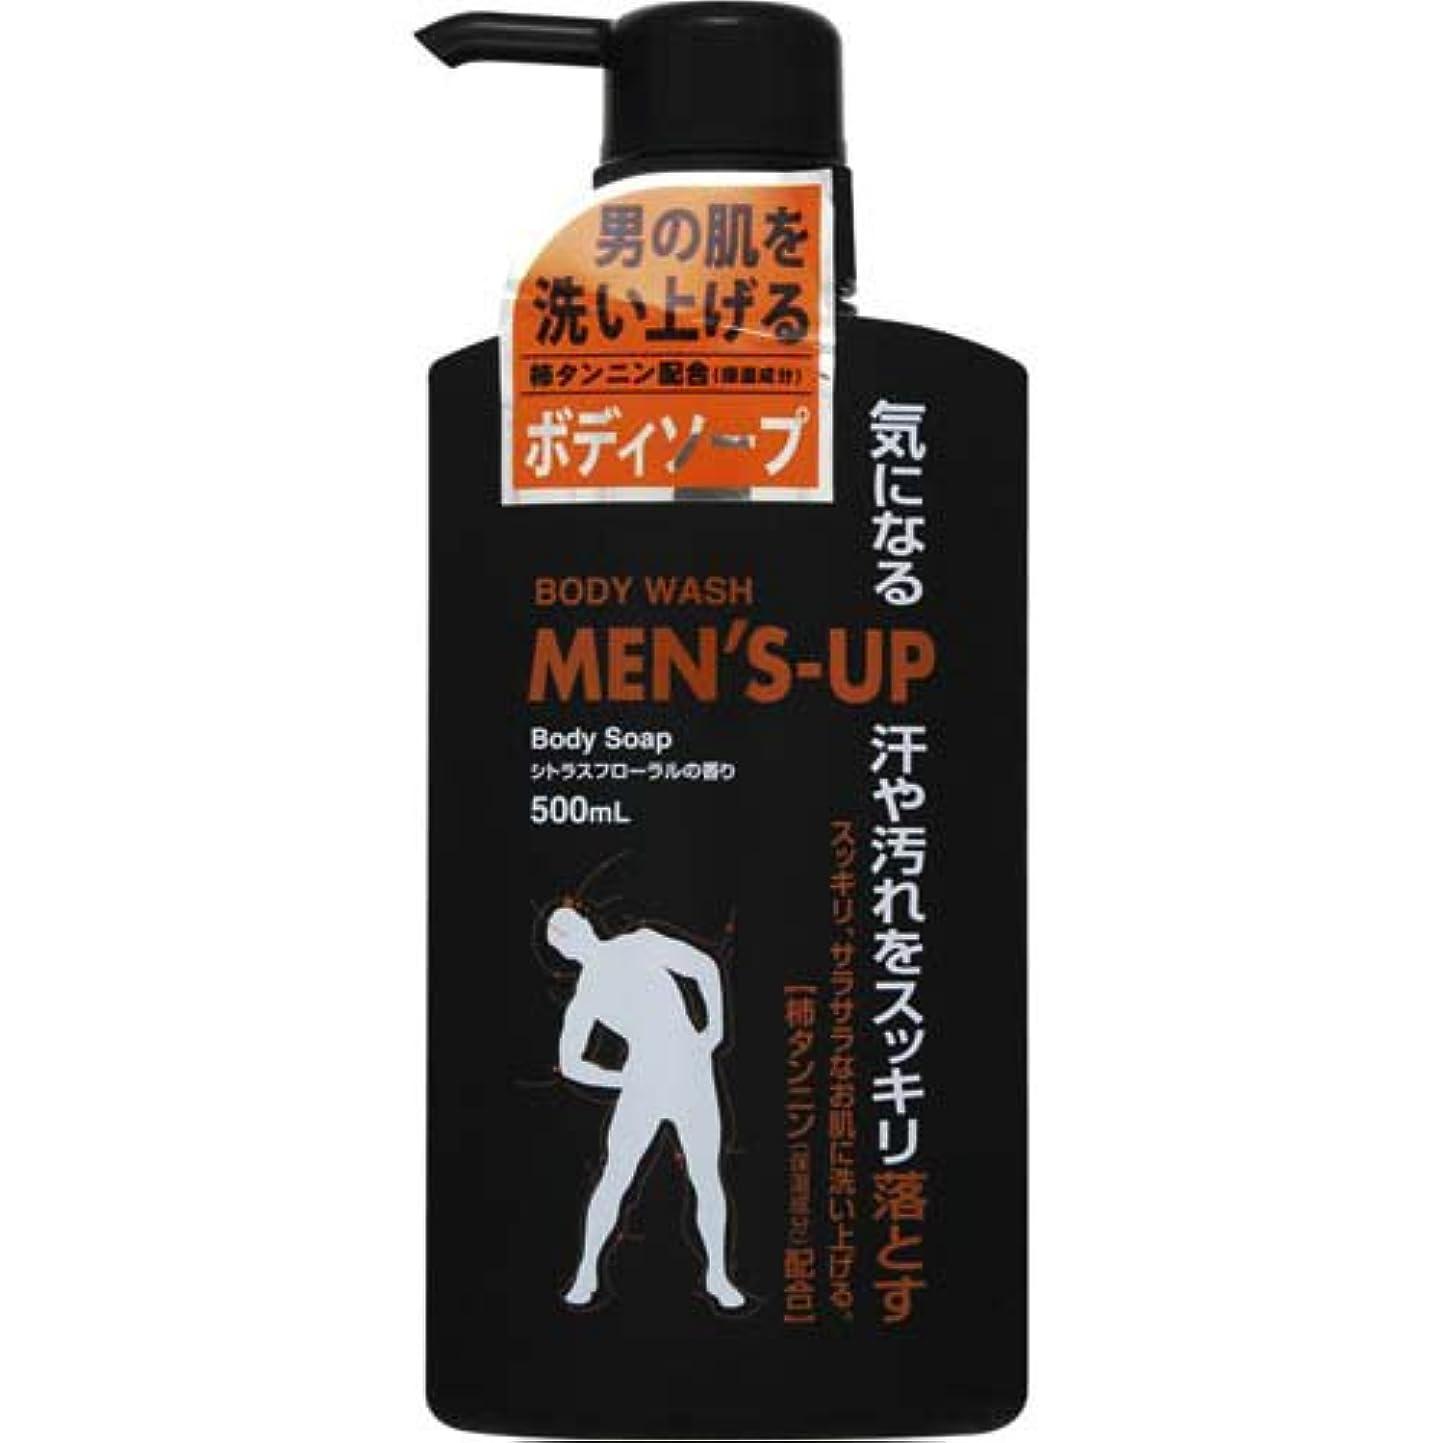 文芸自動化帝国主義MEN'S-UP(メンズアップ) ボディーソープ 本体 500ml